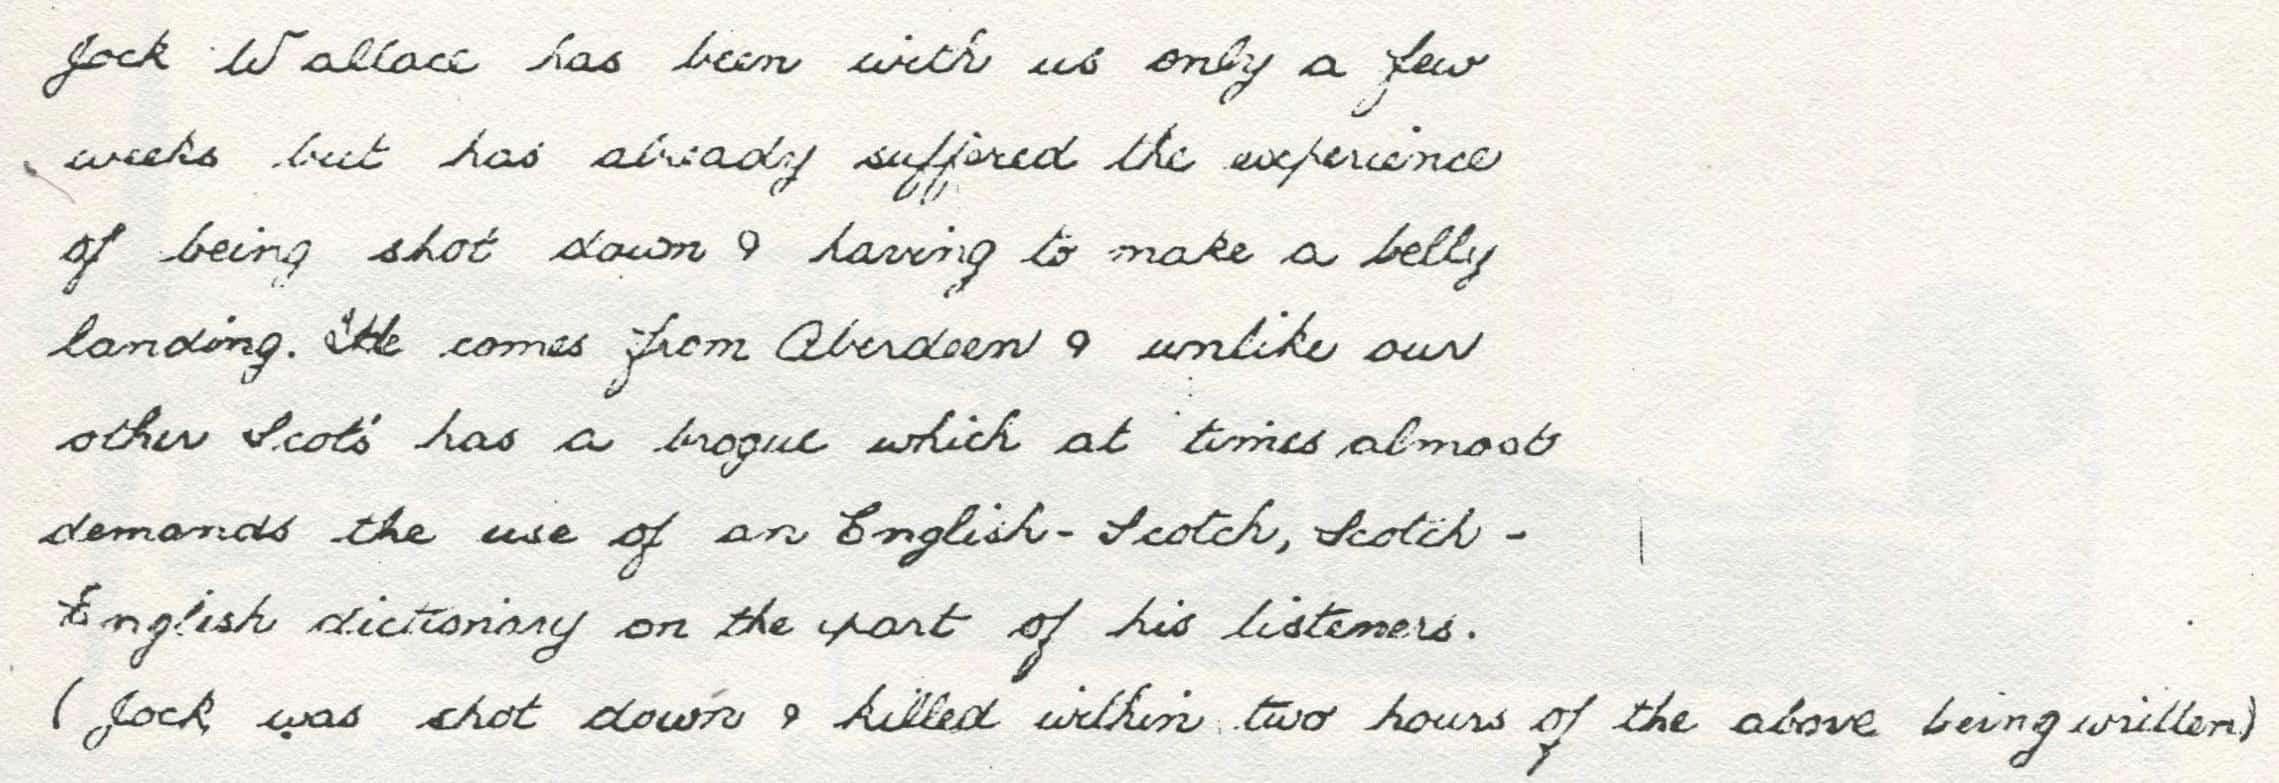 briefje van een collega vlieger uit 181 Squadron